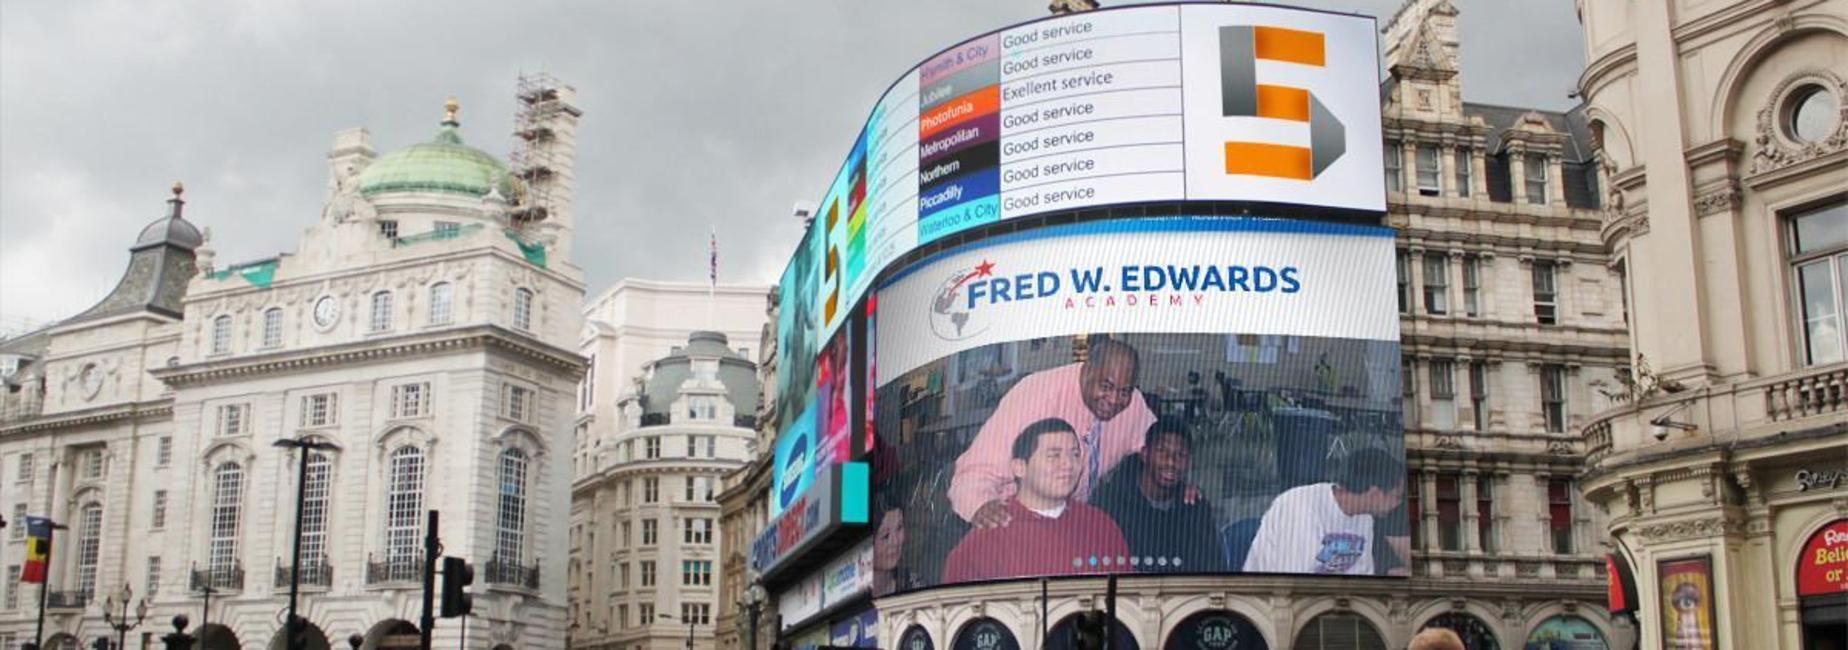 Fred W. Edwards Image